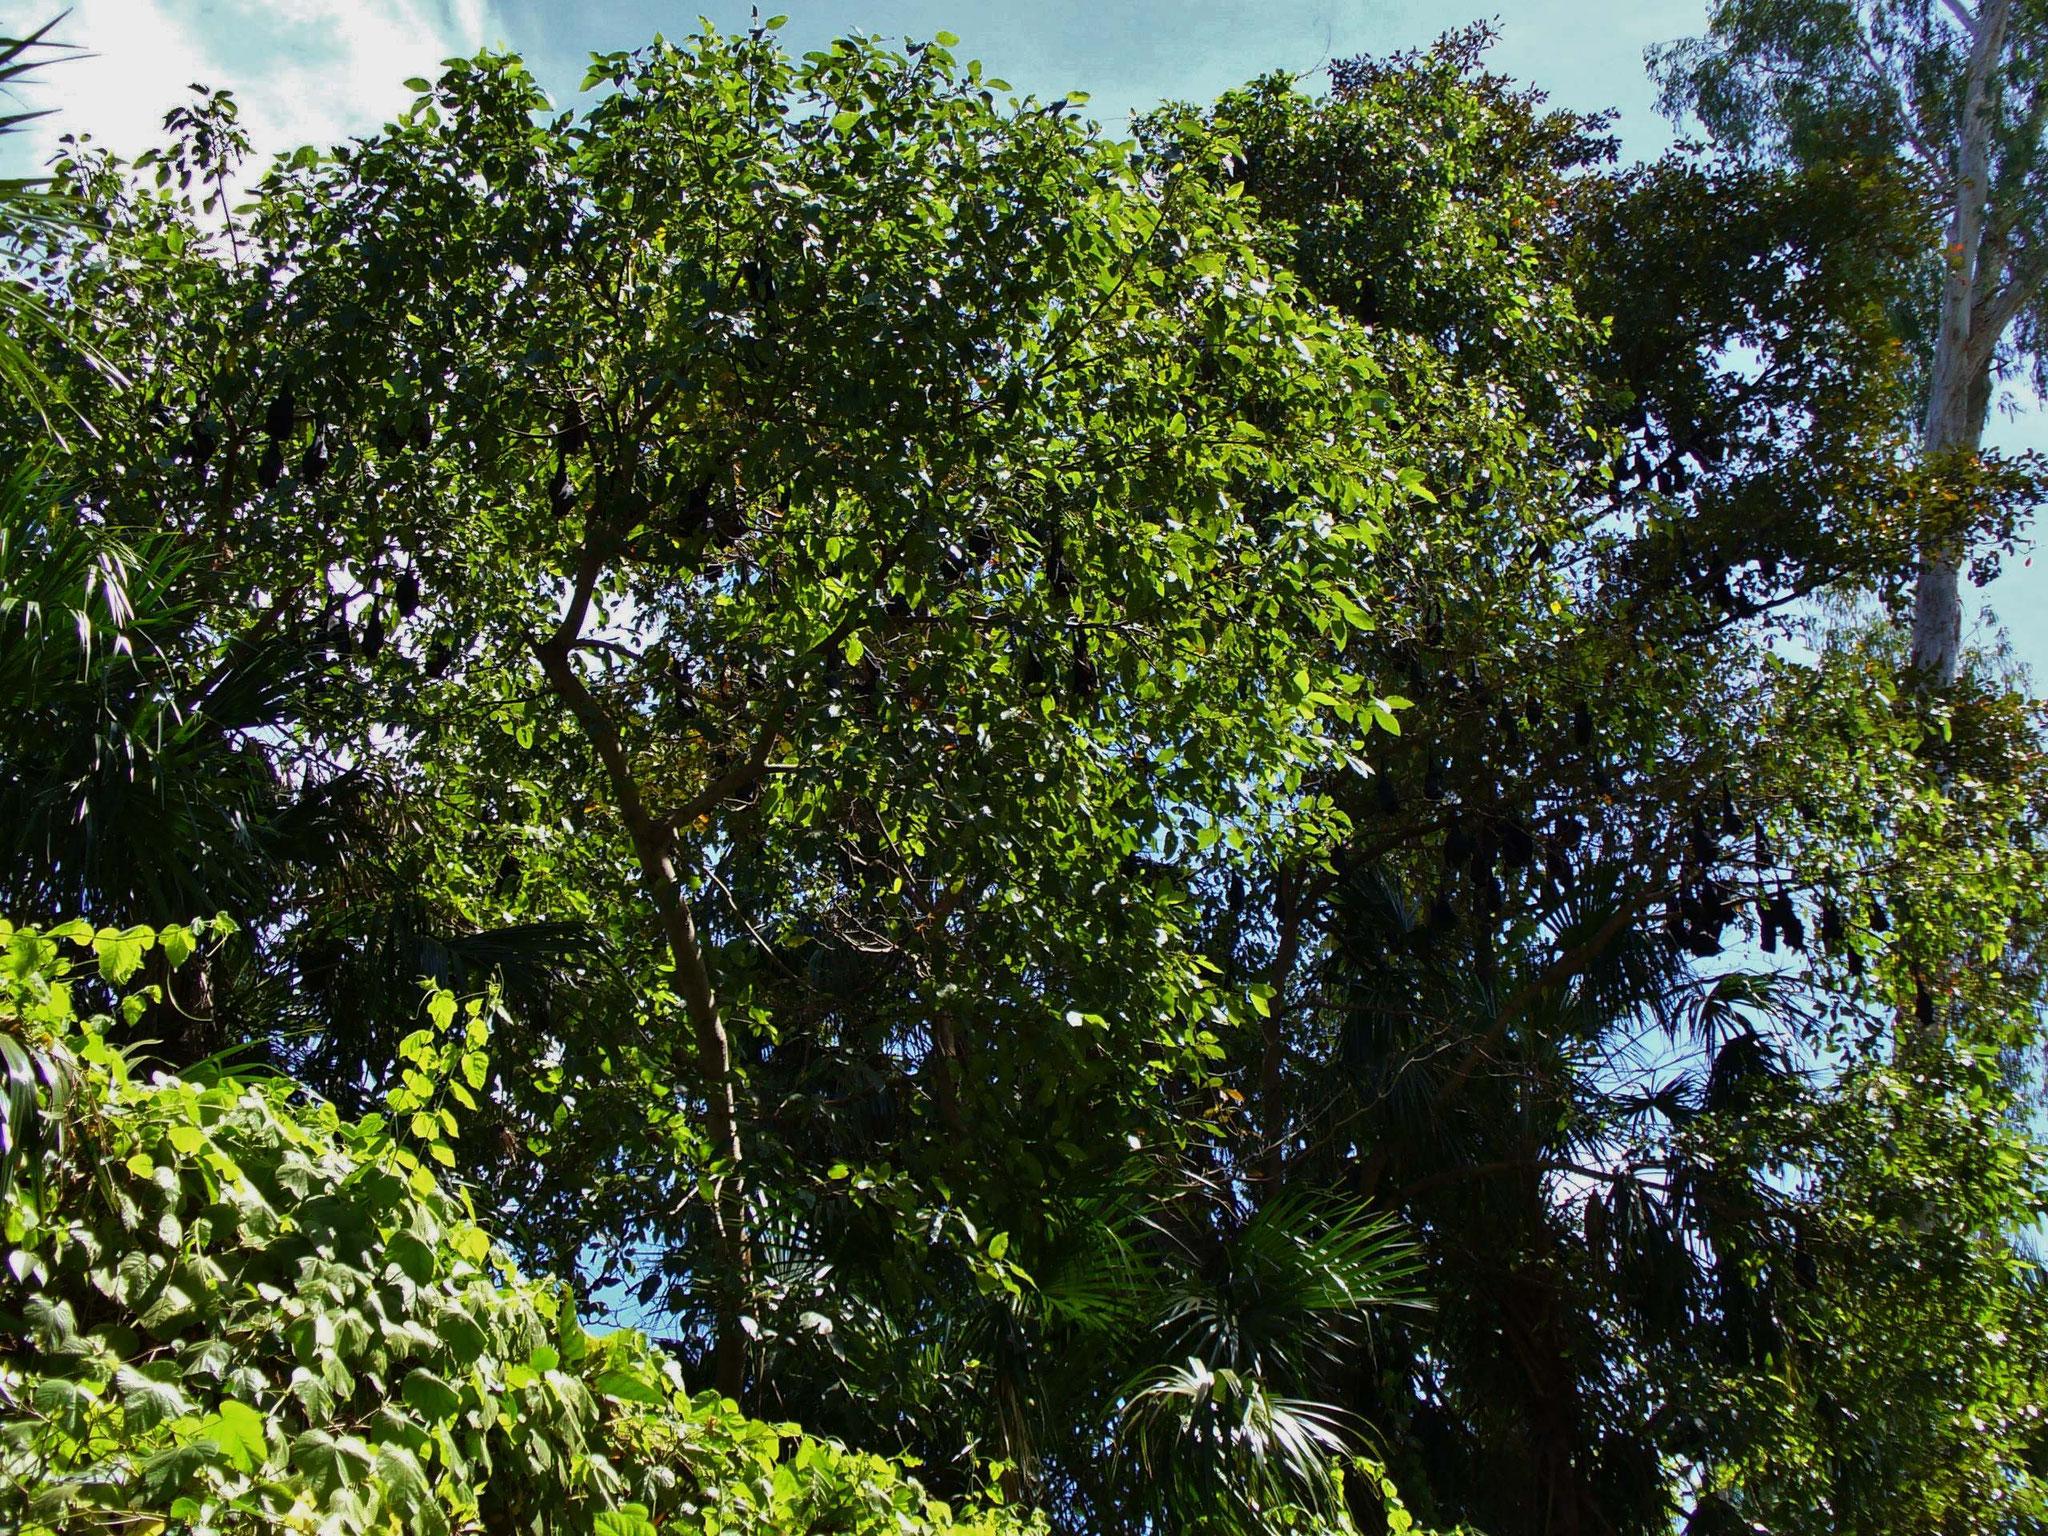 Flughunde besiedeln die Bäume